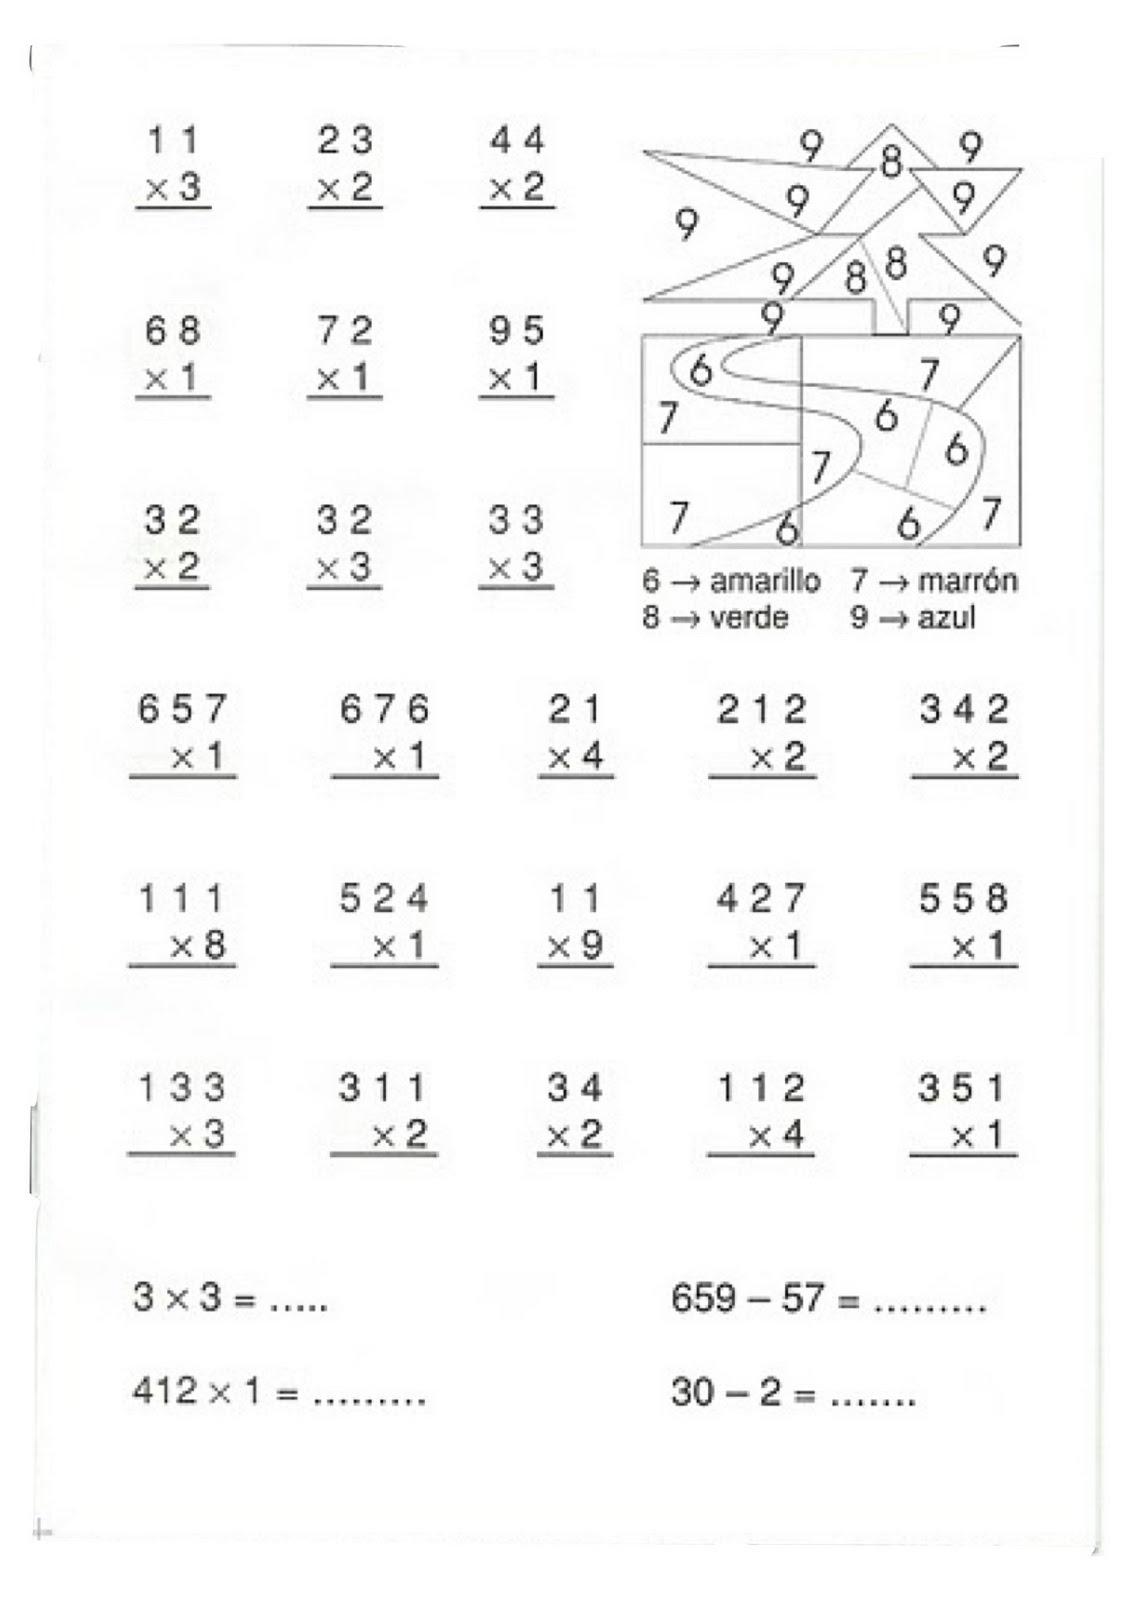 Increíble La Multiplicación 1 Hoja De Trabajo 10 Componente - hojas ...